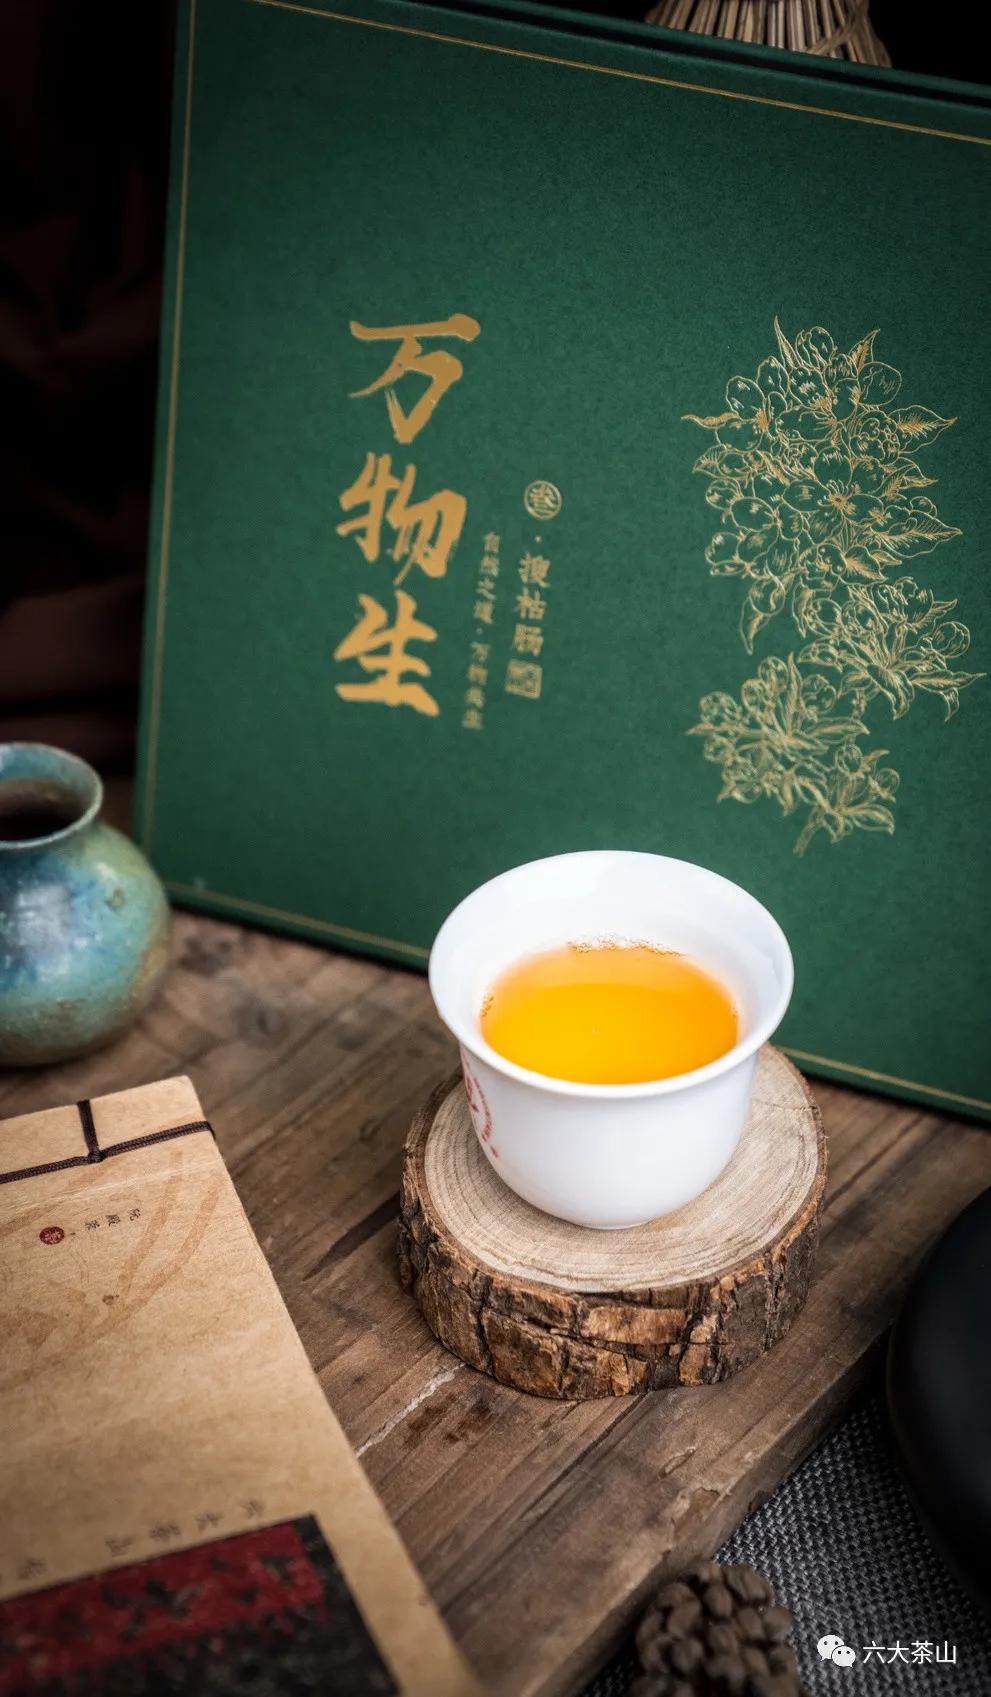 六大茶山便捷式茶礼,让您在中秋惊艳整个朋友圈